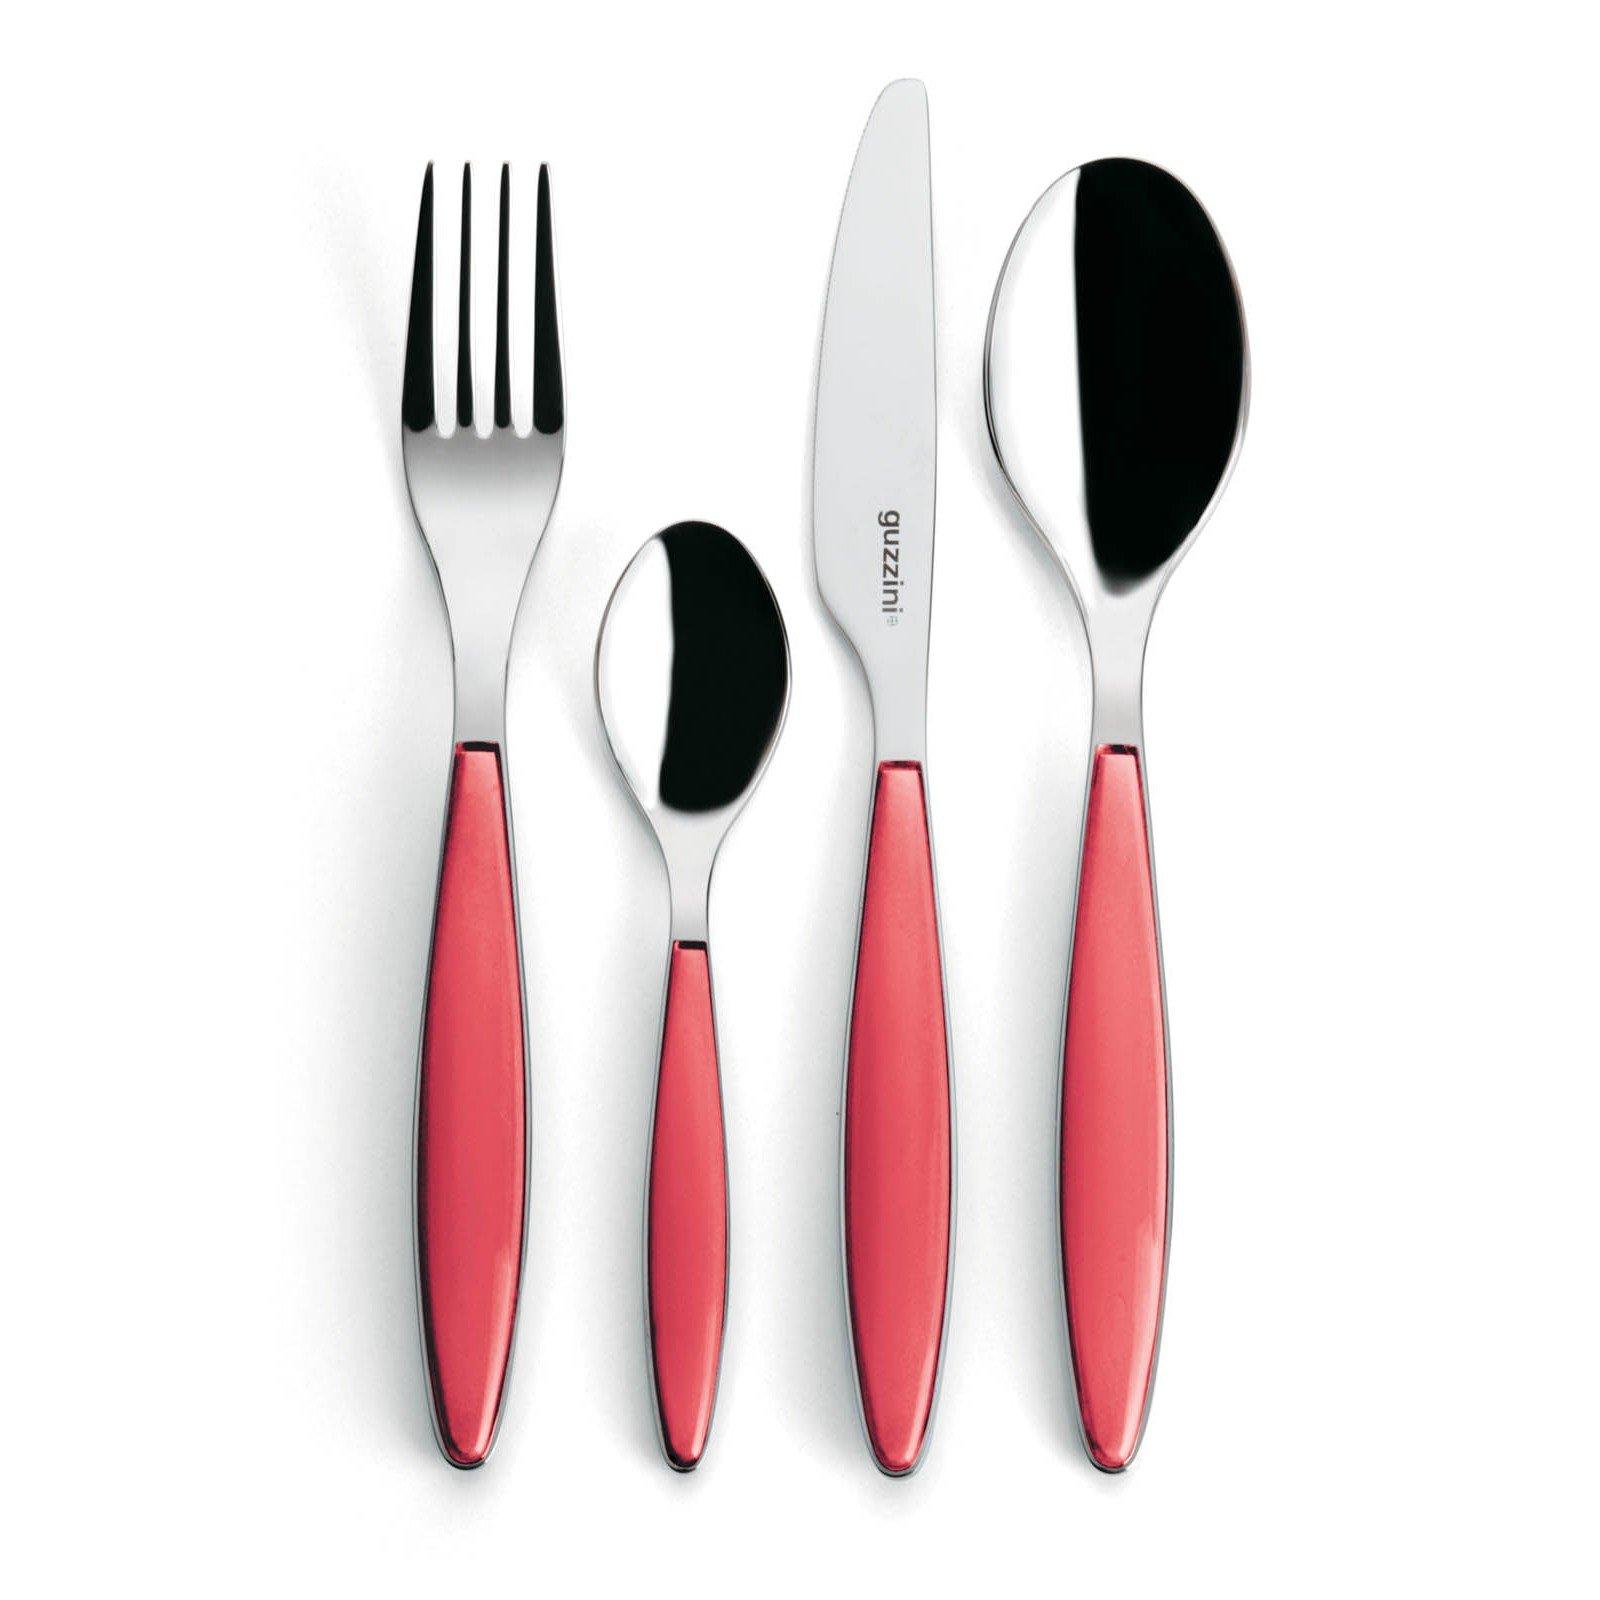 Guzzini catalogo accessori cucina elettrodomestici e non for Guzzini casa catalogo